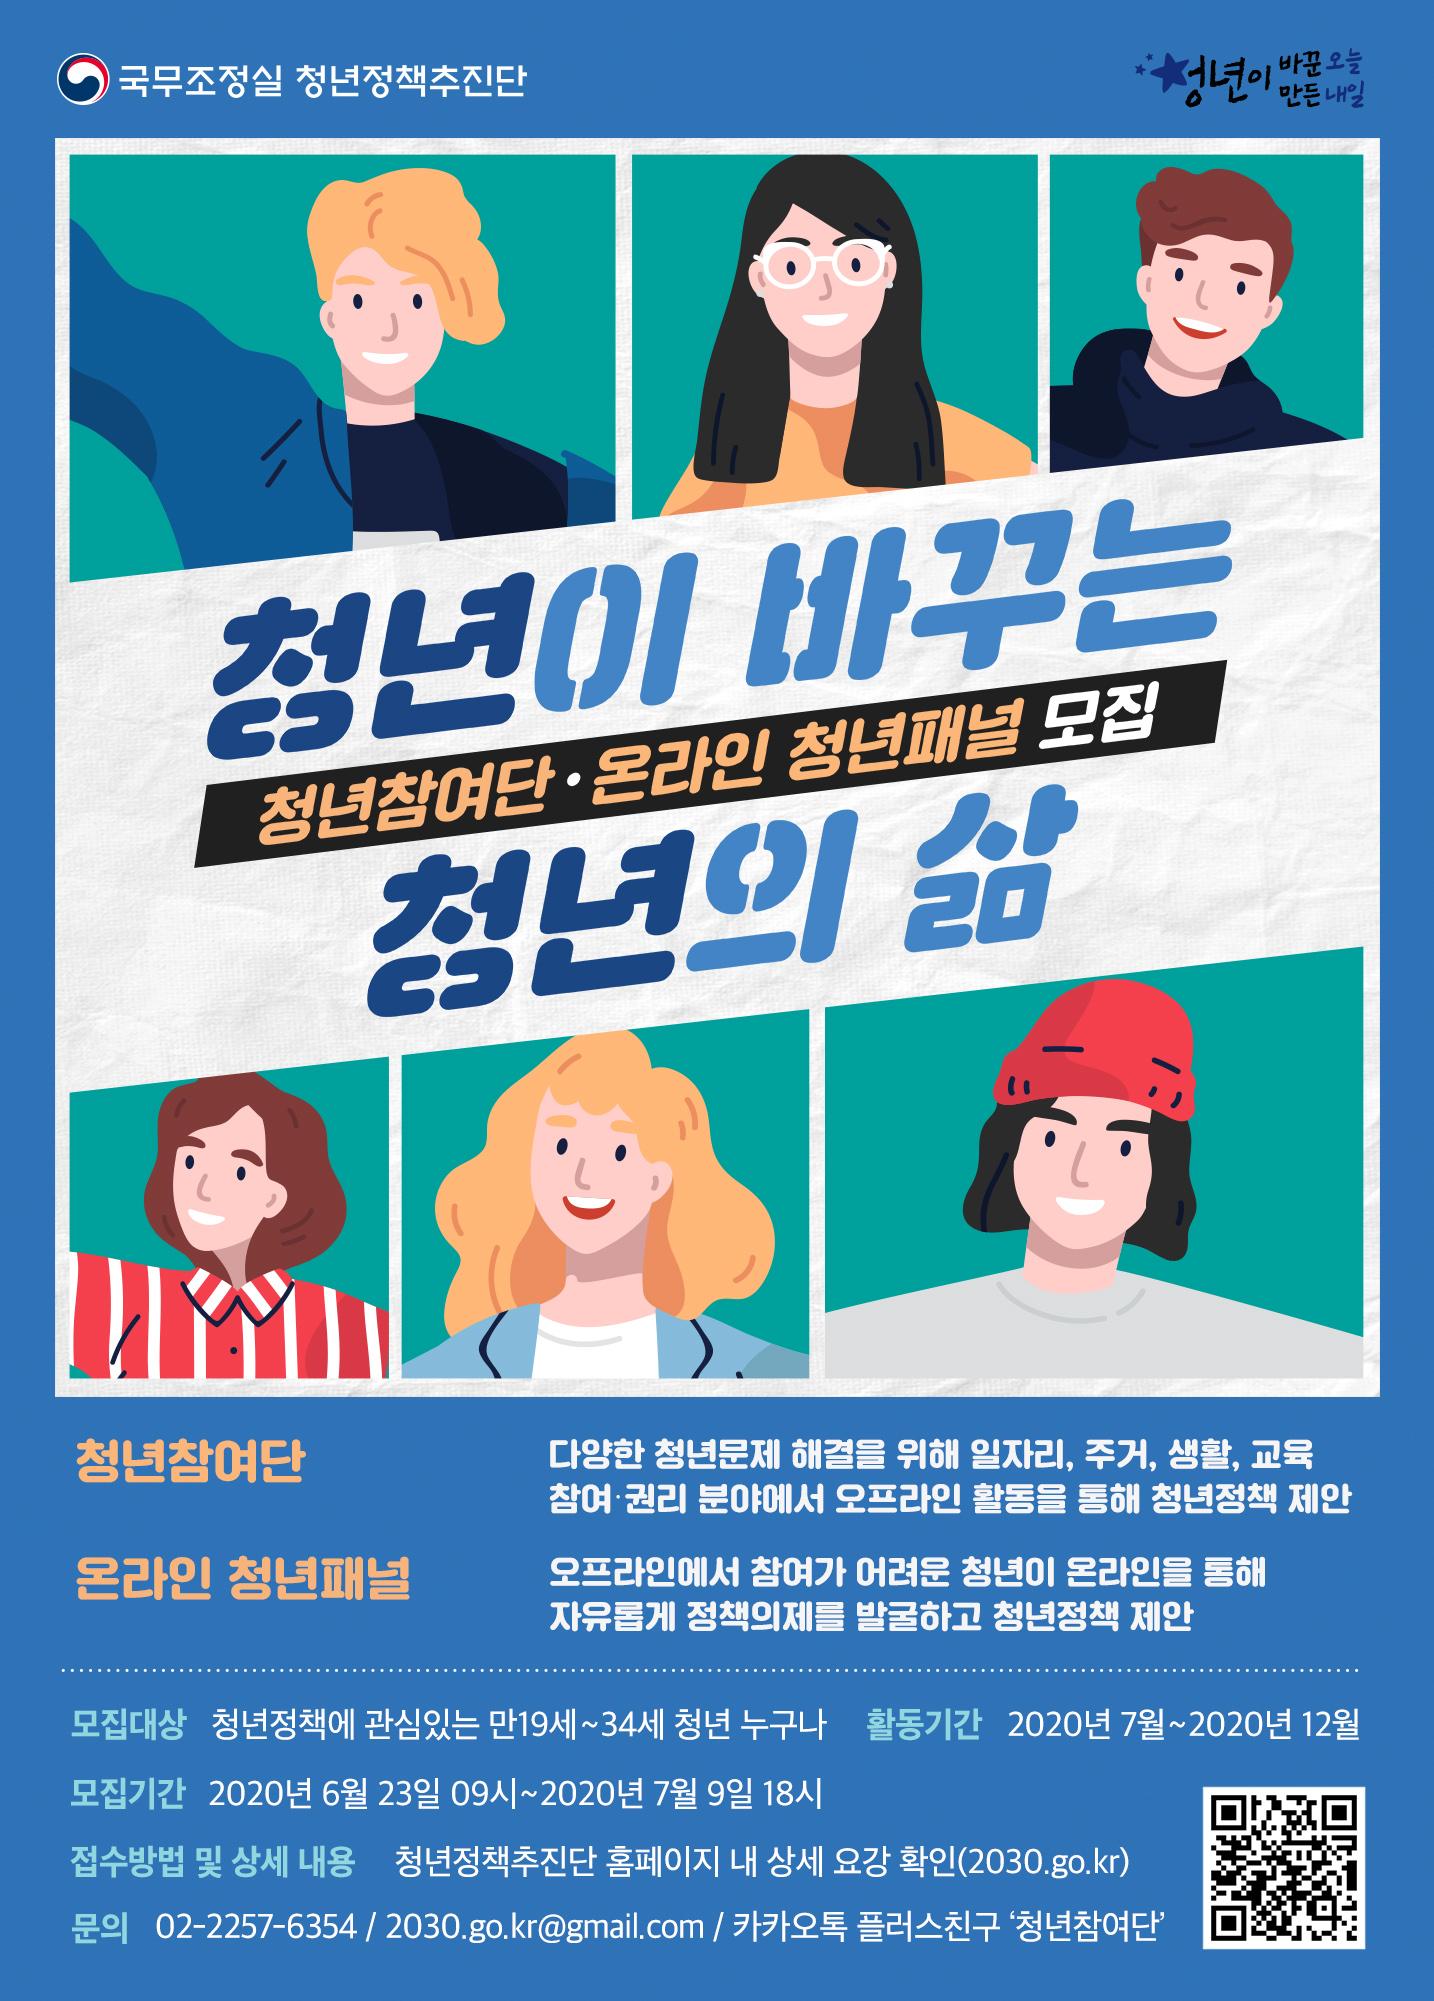 청년참여단 및 온라인 청년패널 참여자 모집 웹포스터.jpg